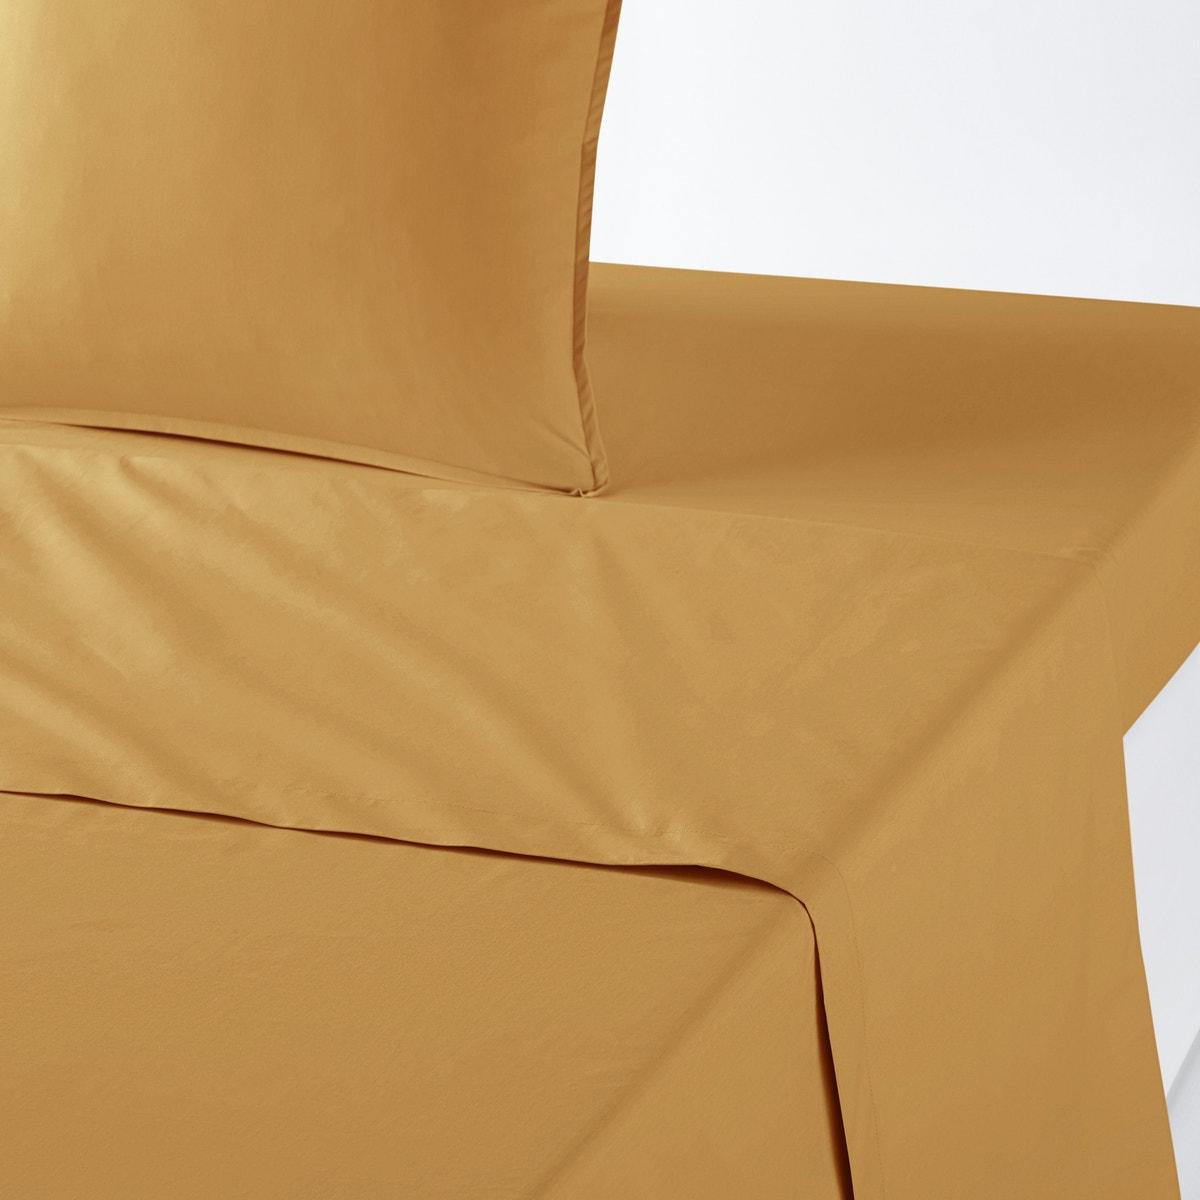 Σεντόνι από βιολογικό βαμβακερό περκάλι σπιτι   κρεβατοκάμαρα   σεντόνια